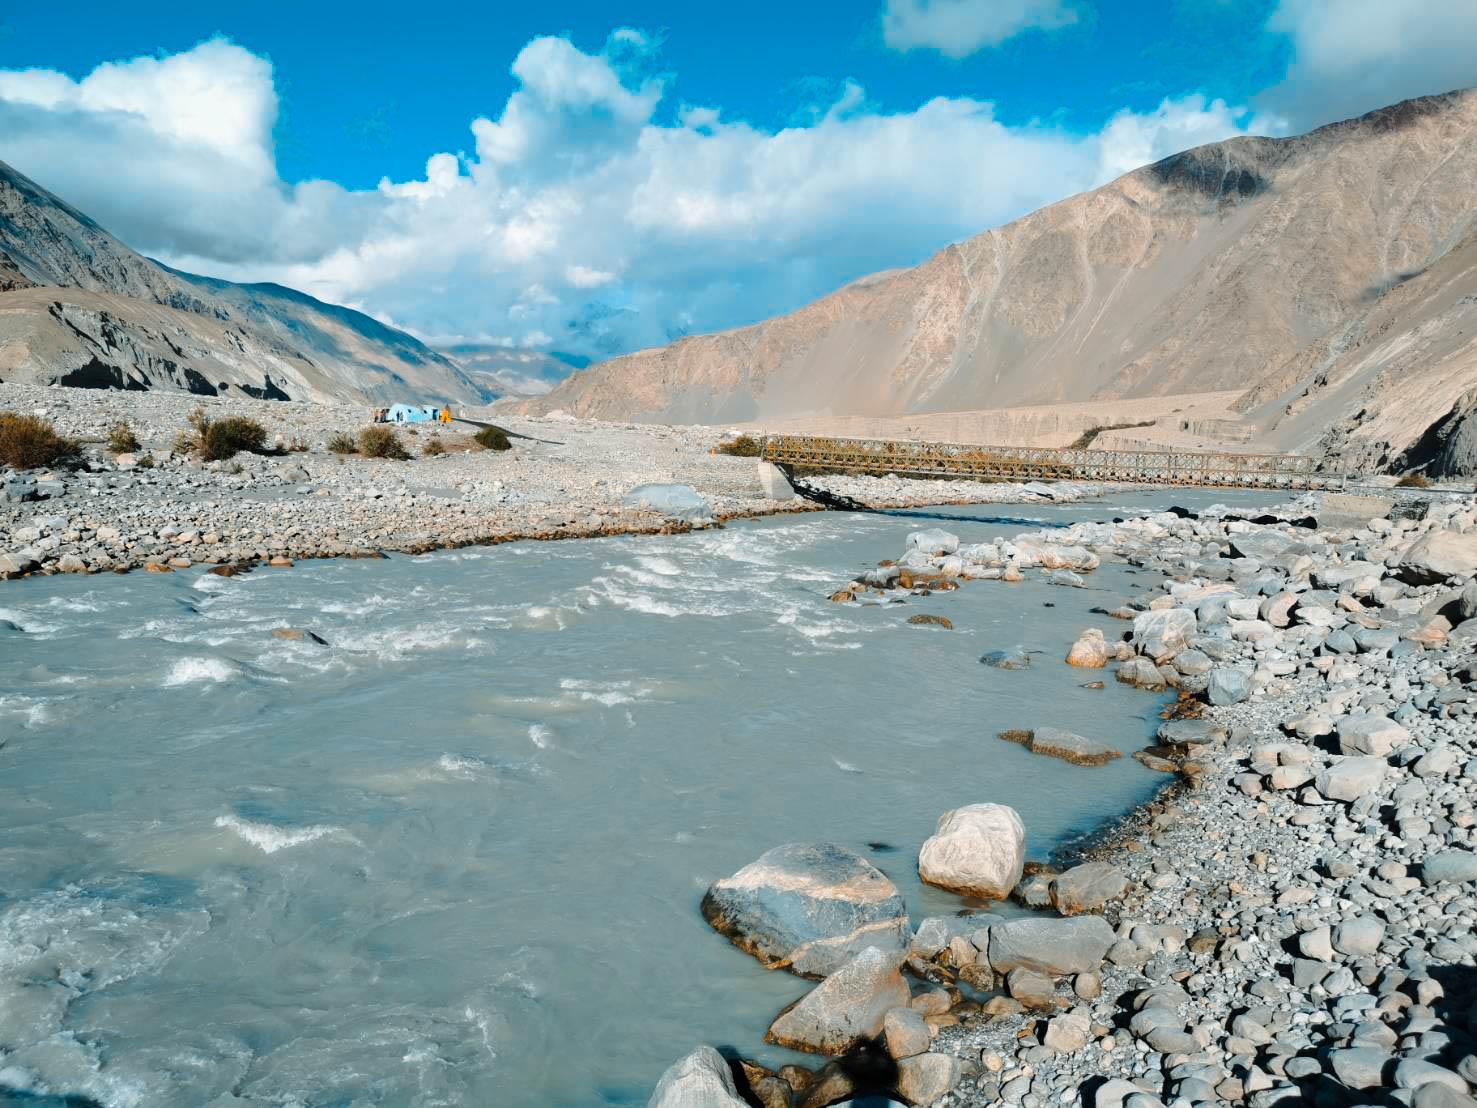 แม่น้ำ Shayok ทัวร์เลห์ ลาดักห์ เที่ยวเลห์ ลาดักห์ Leh Ladakh Tour leh ladakh